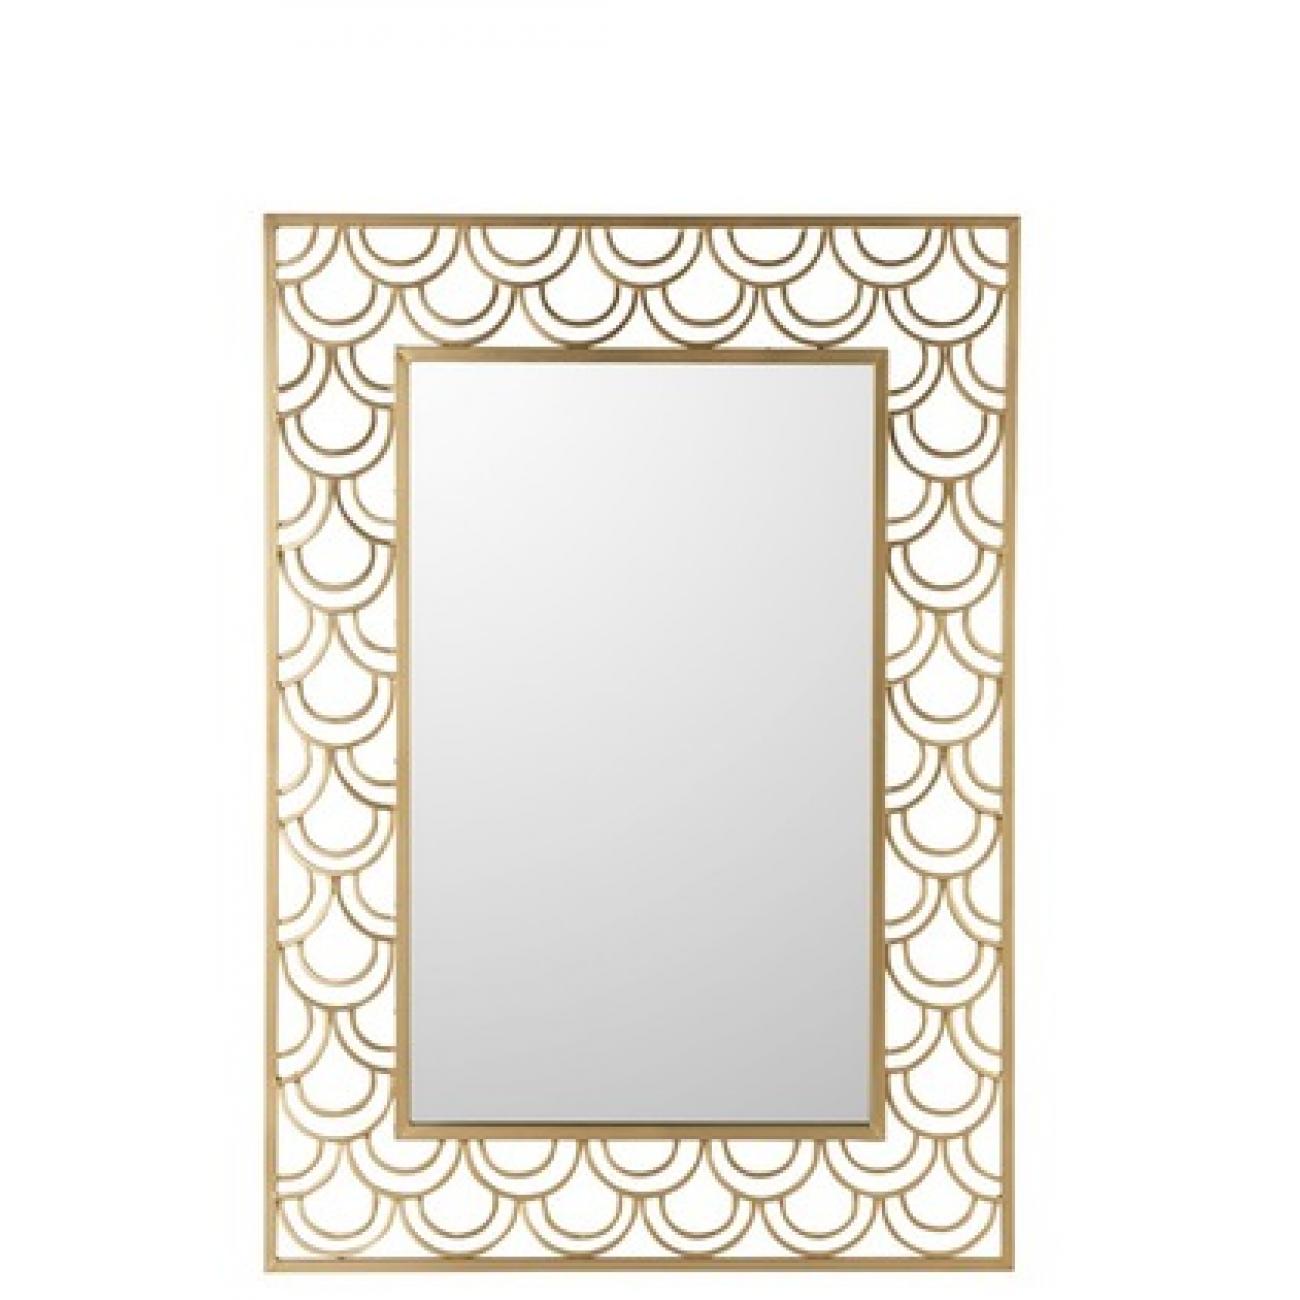 Зеркало J-LINE прямоугольное настенное в золотистой металлической декоративной раме 76х106 см Бельгия